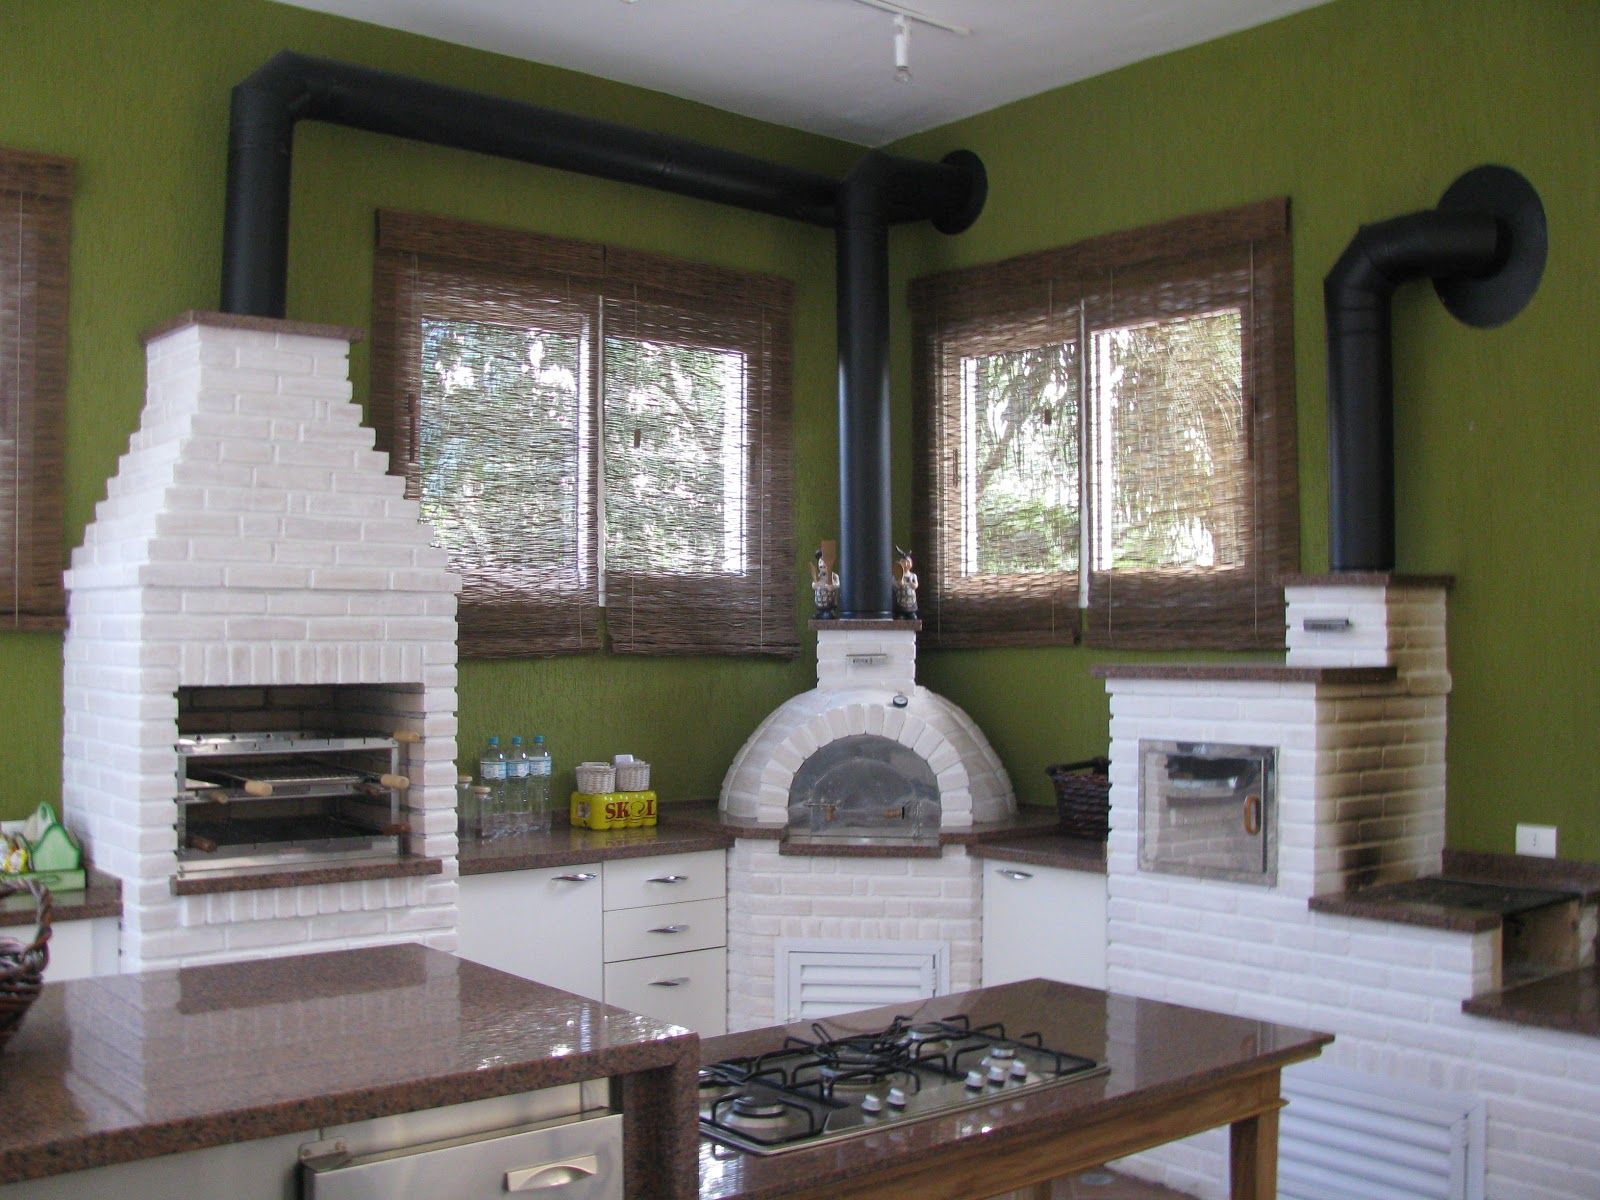 Projetos De Cozinhas Com Fog O A Lenha Pmscrapbooking Com Id Ias